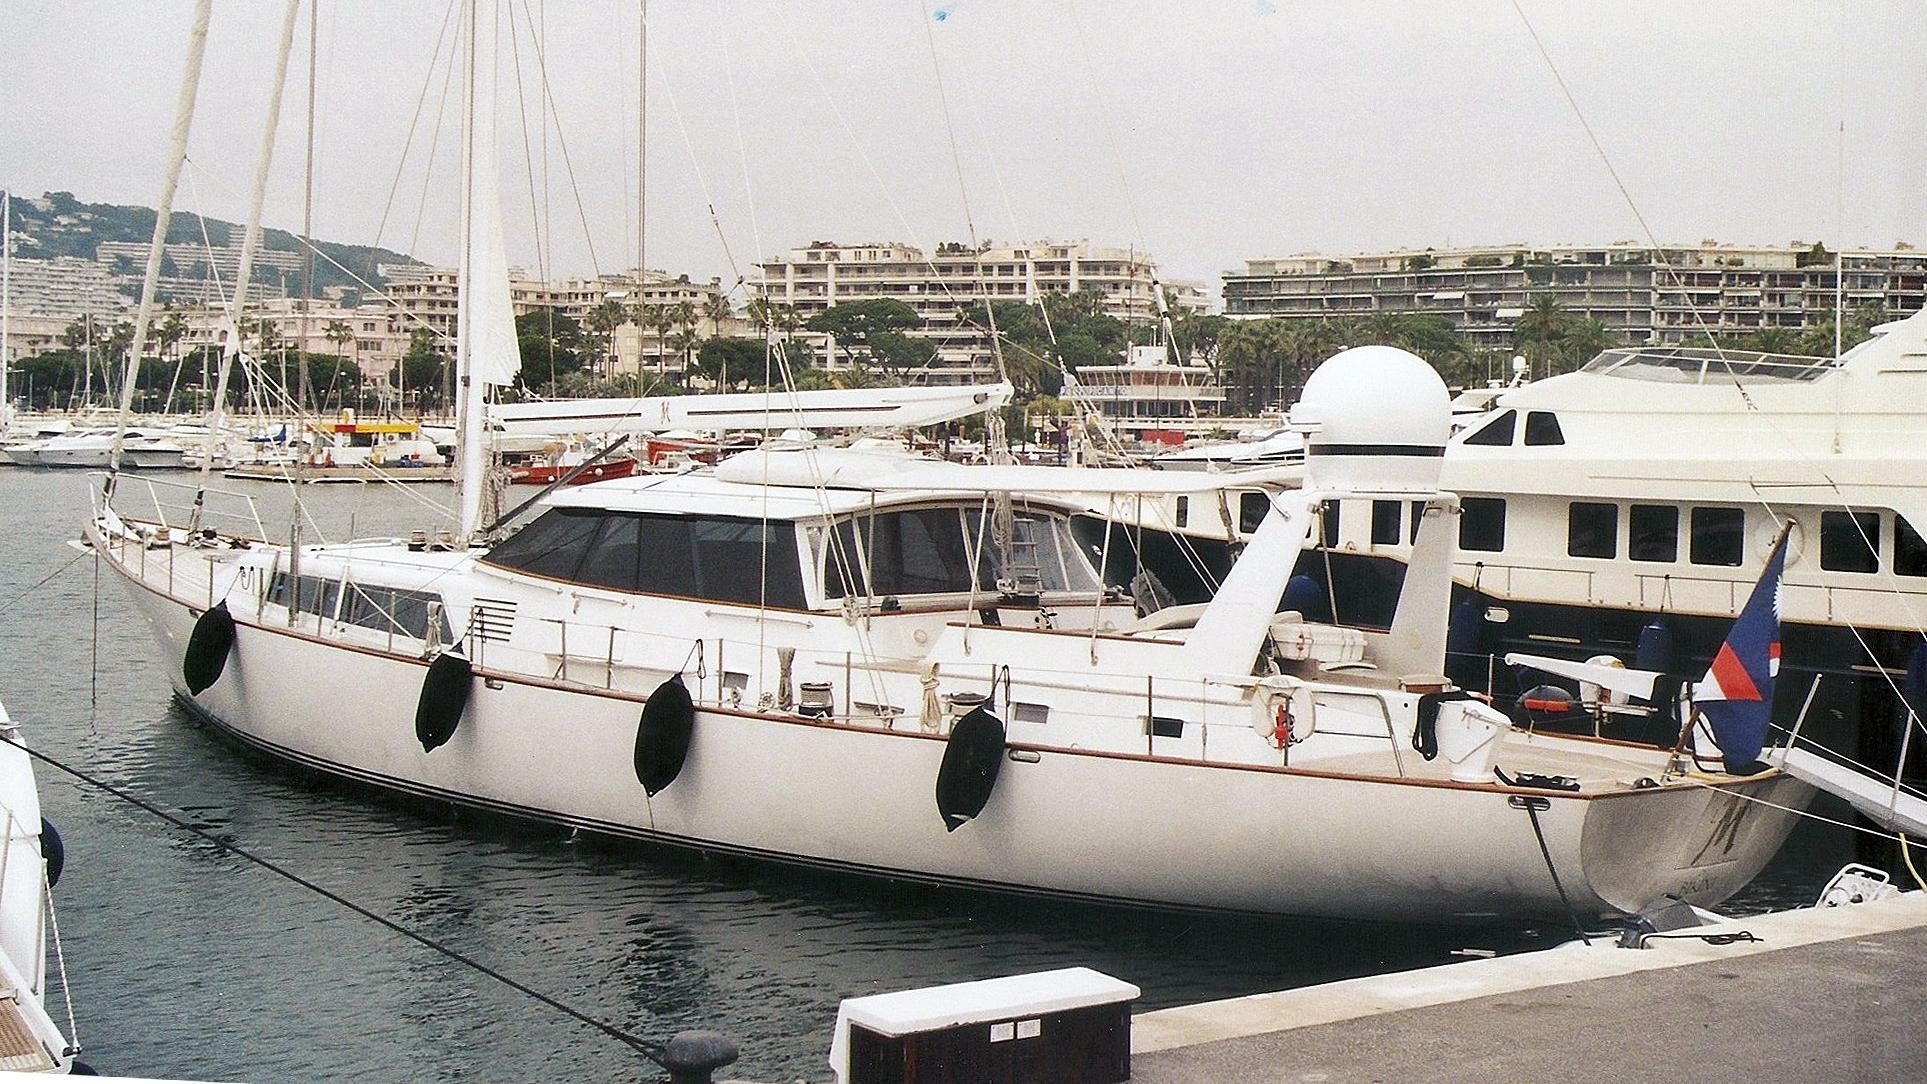 lochiel-stern-sailing-yacht-alloy-1985-32m-stern-profile